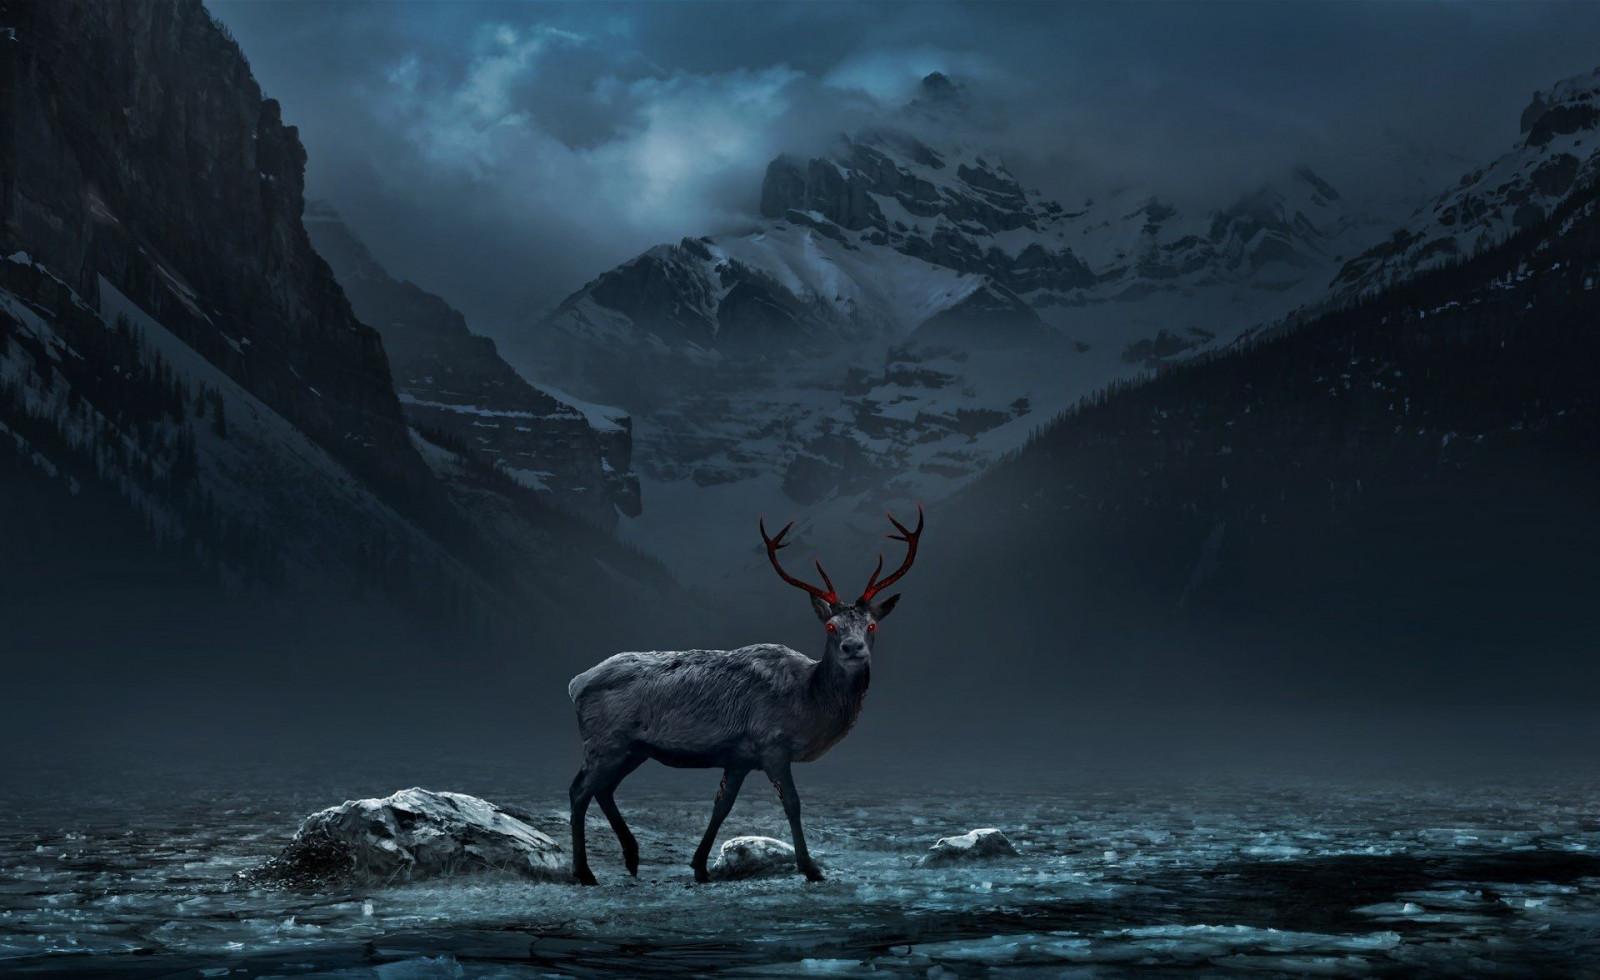 鹿 デジタル アート